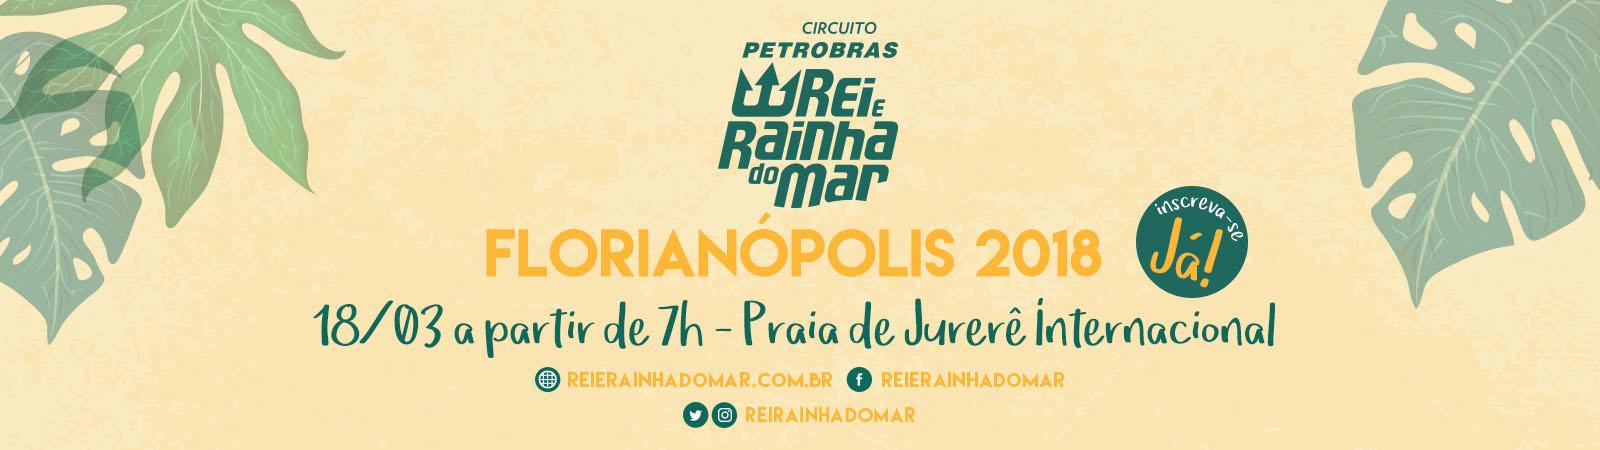 CIRCUITO PETROBRAS REI E RAINHA DO MAR - ETAPA FLORIANÓPOLIS